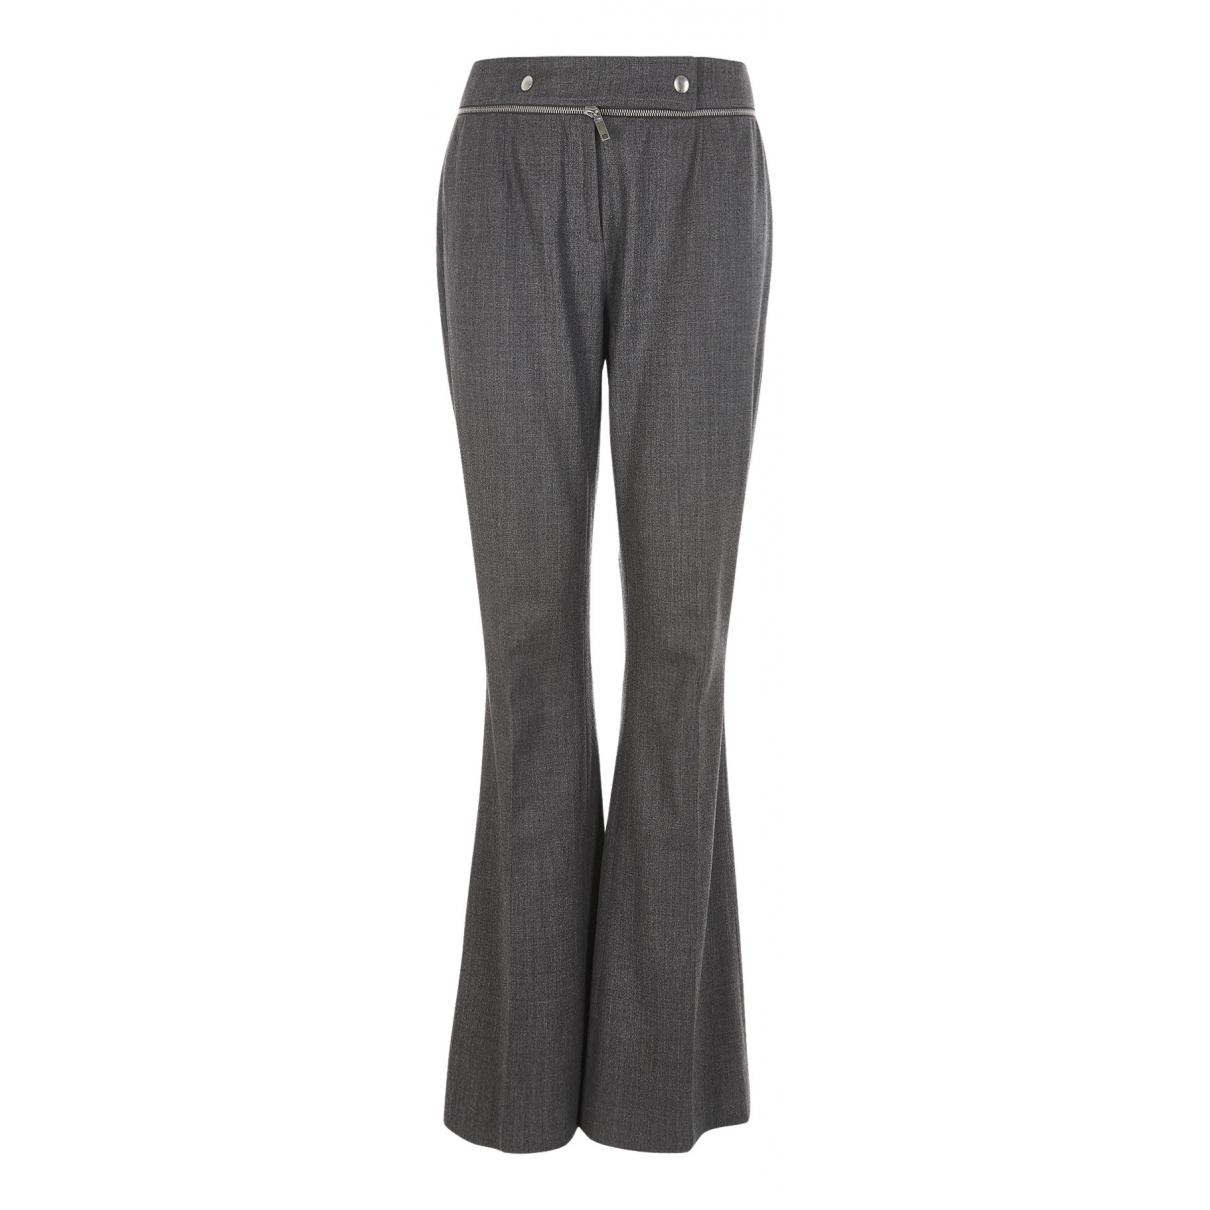 Celine N Grey Wool Trousers for Women 8 UK